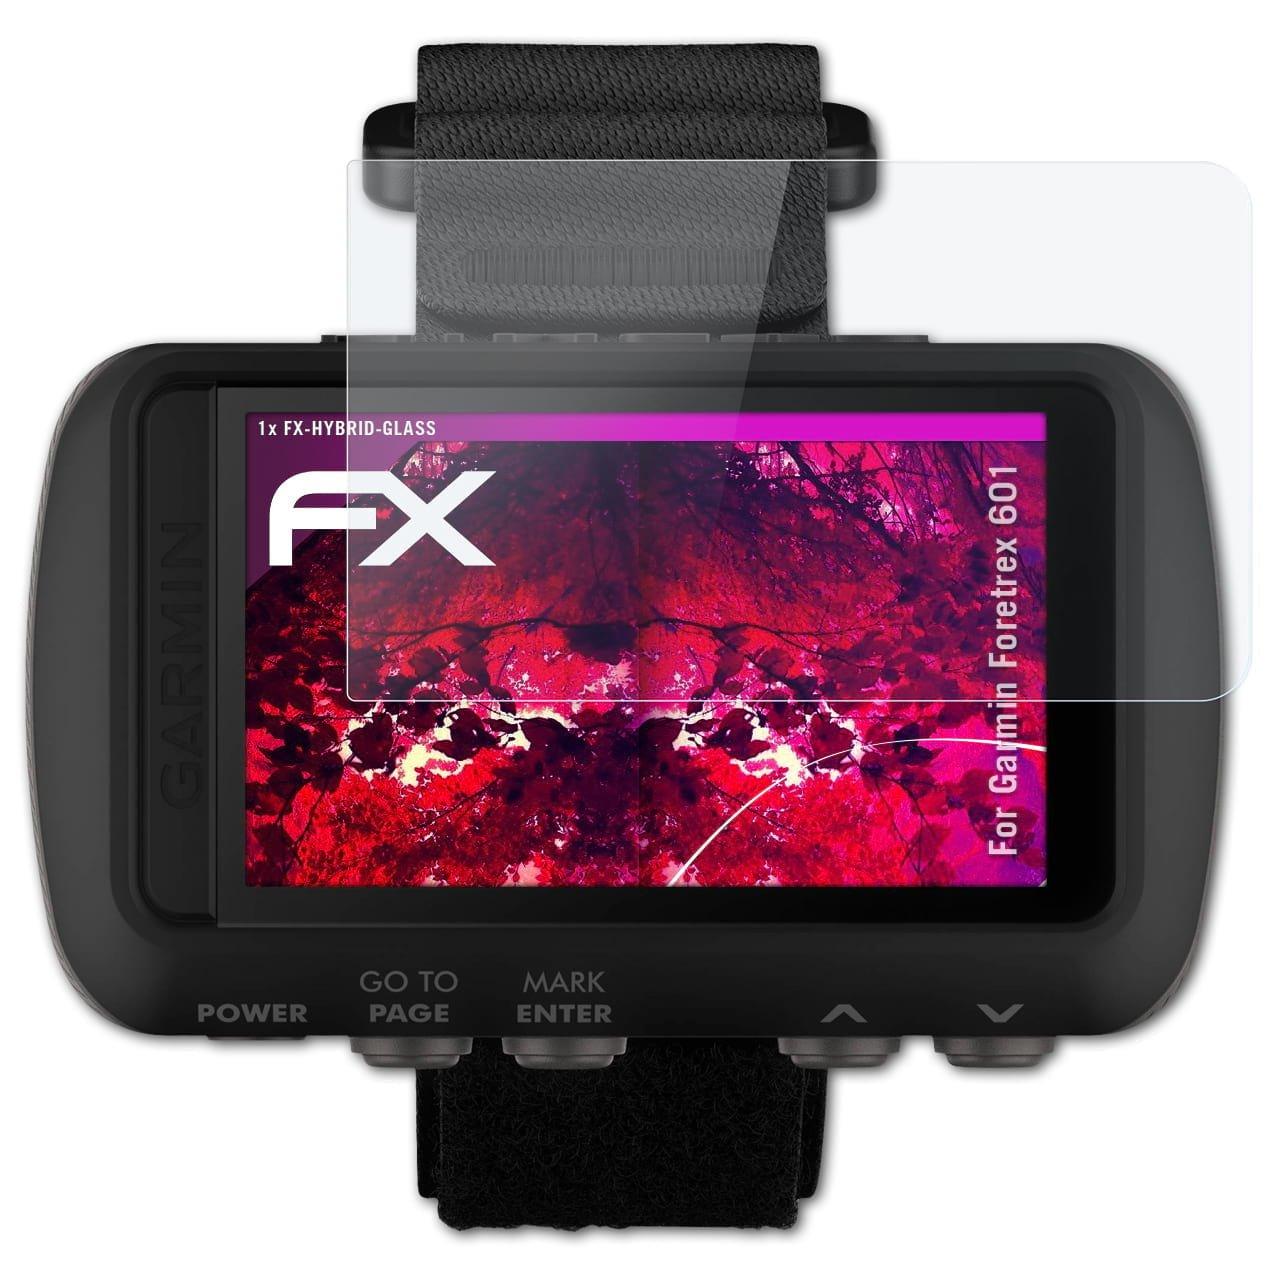 atFoliX Lámina Protectora de plástico Cristal para Garmin Foretrex 601 Película Vidrio, 9H Hybrid-Glass FX Protector Pantalla Vidrio Templado de plástico